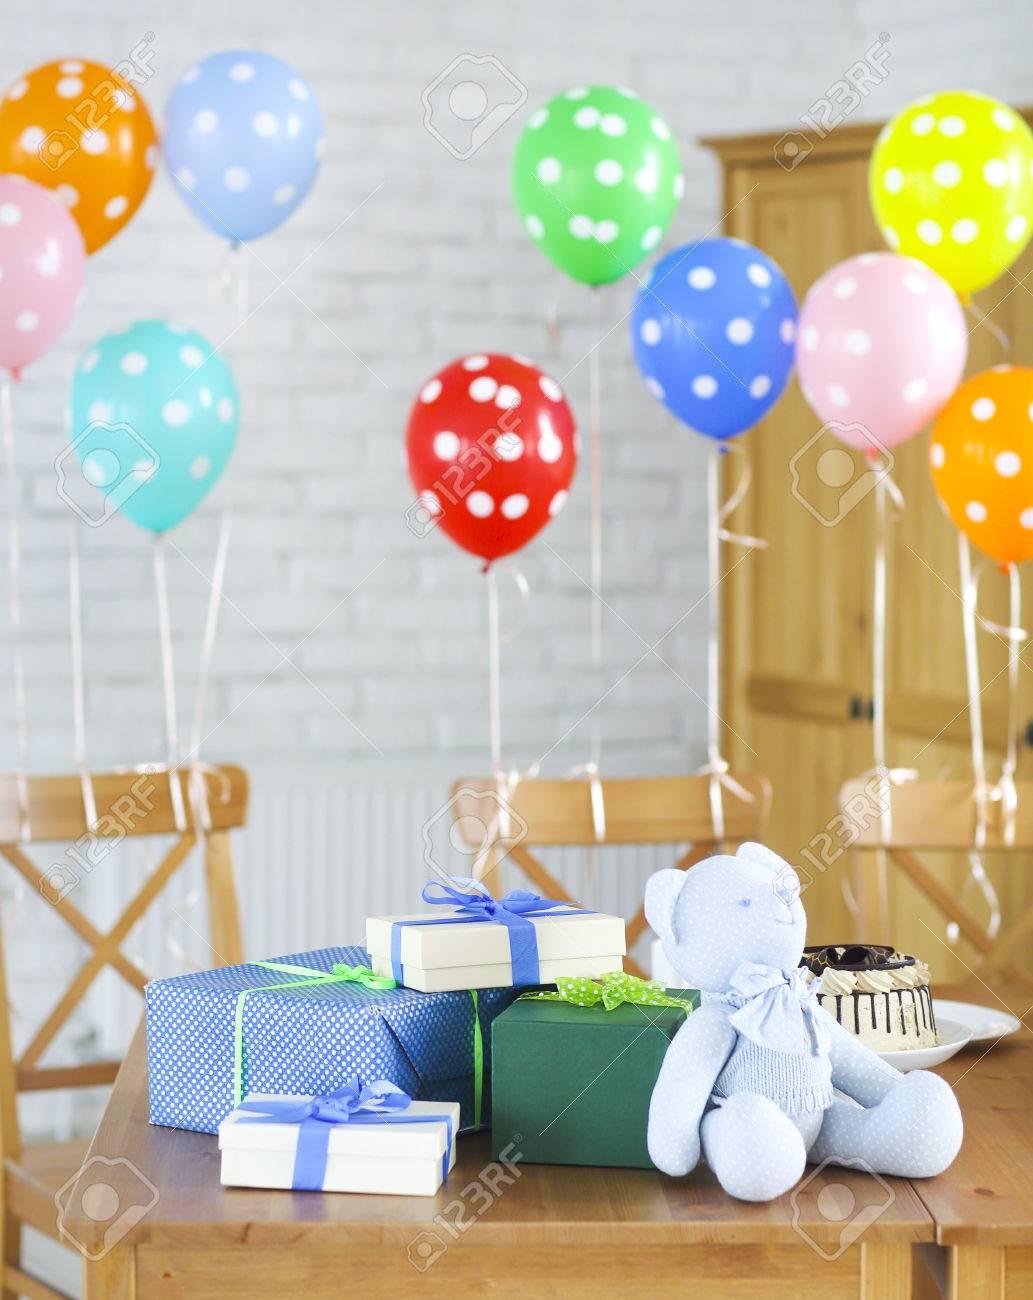 sweets et présente sur la table. décoré avec des ballons banque d